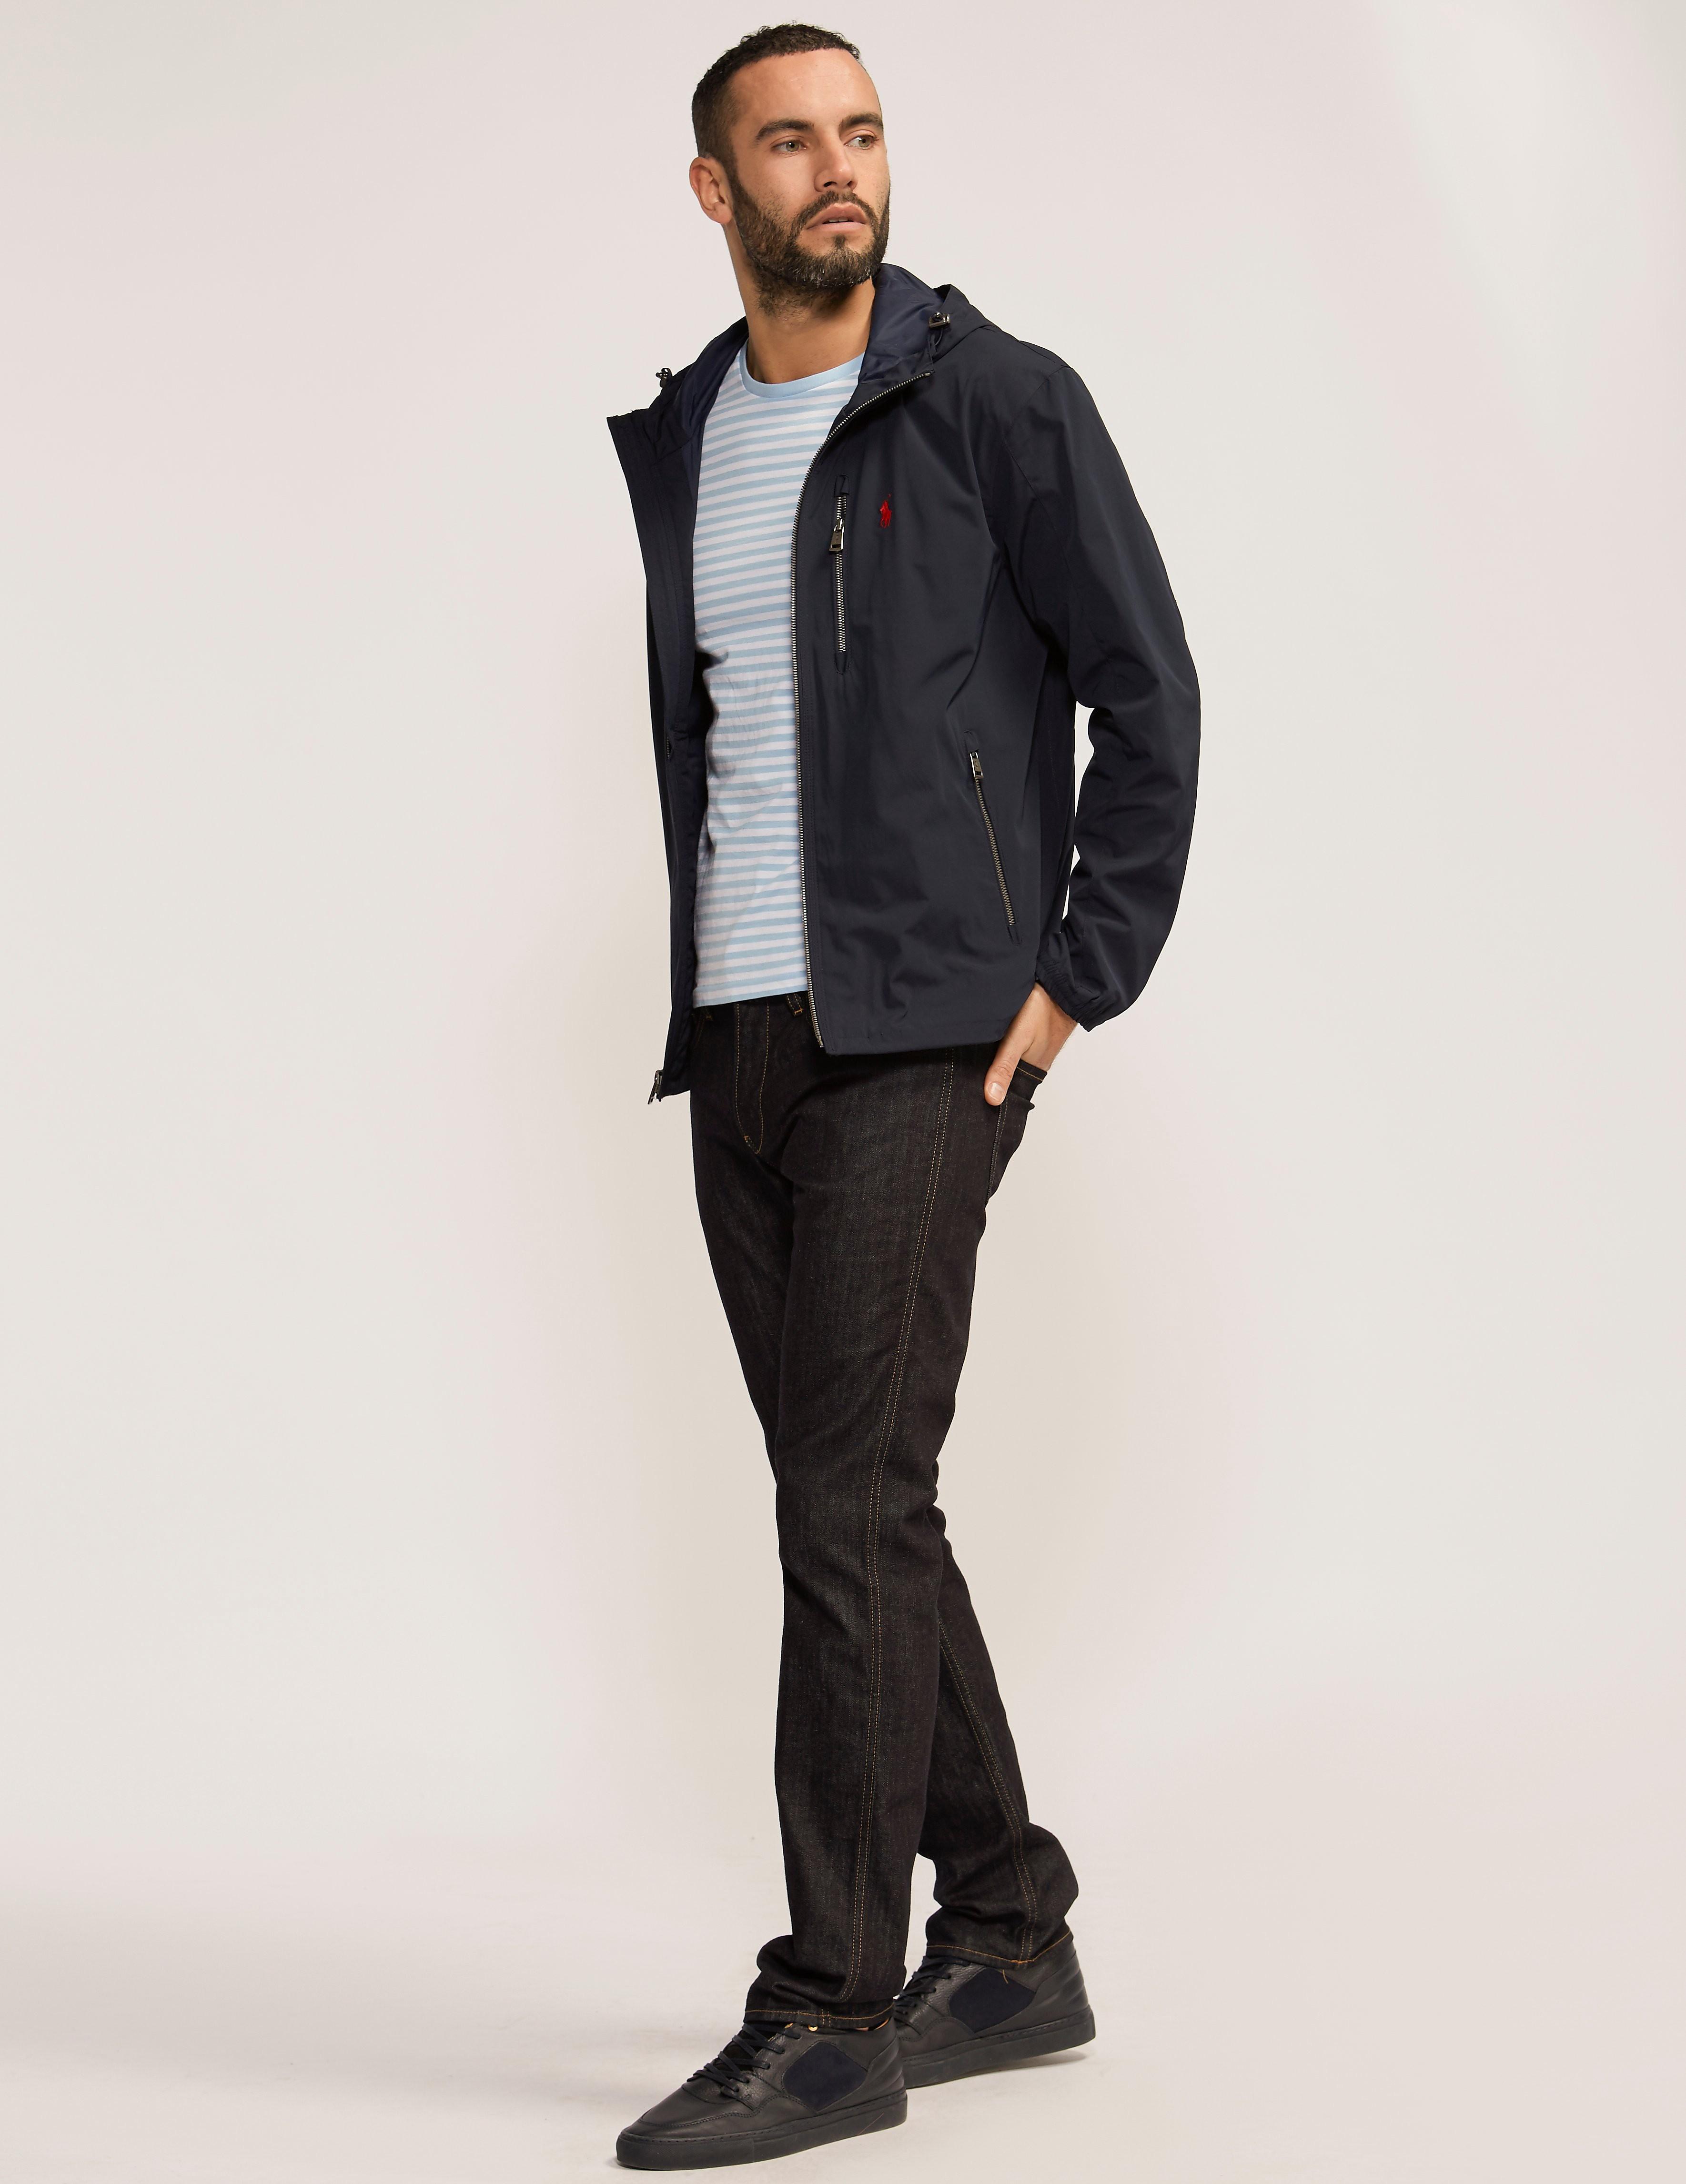 Polo Ralph Lauren Zip Up Anorak Jacket